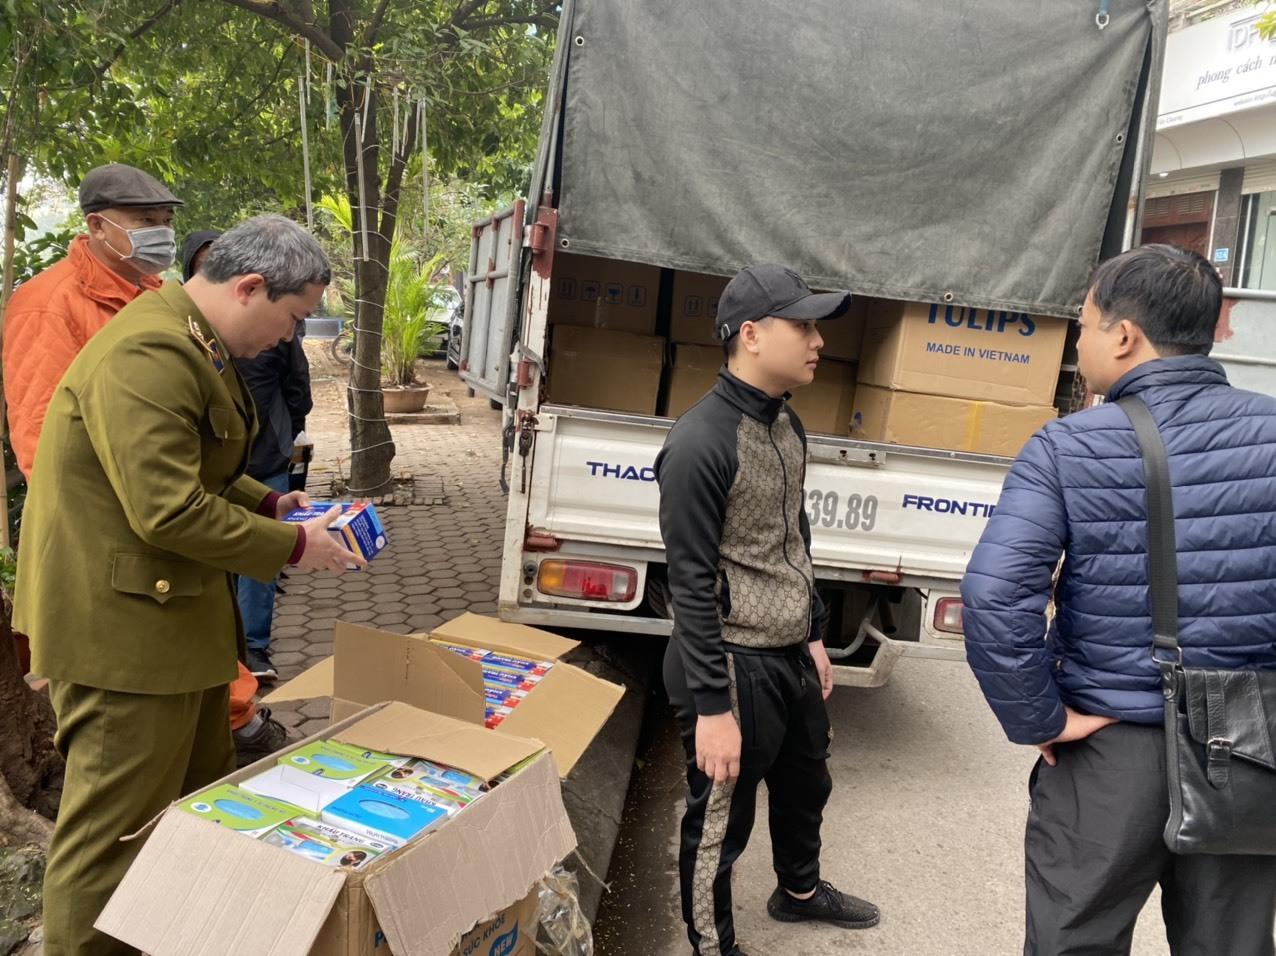 Tịch thu lô khẩu trang trị giá hơn 1 tỷ đồng bên hồ Văn Chương